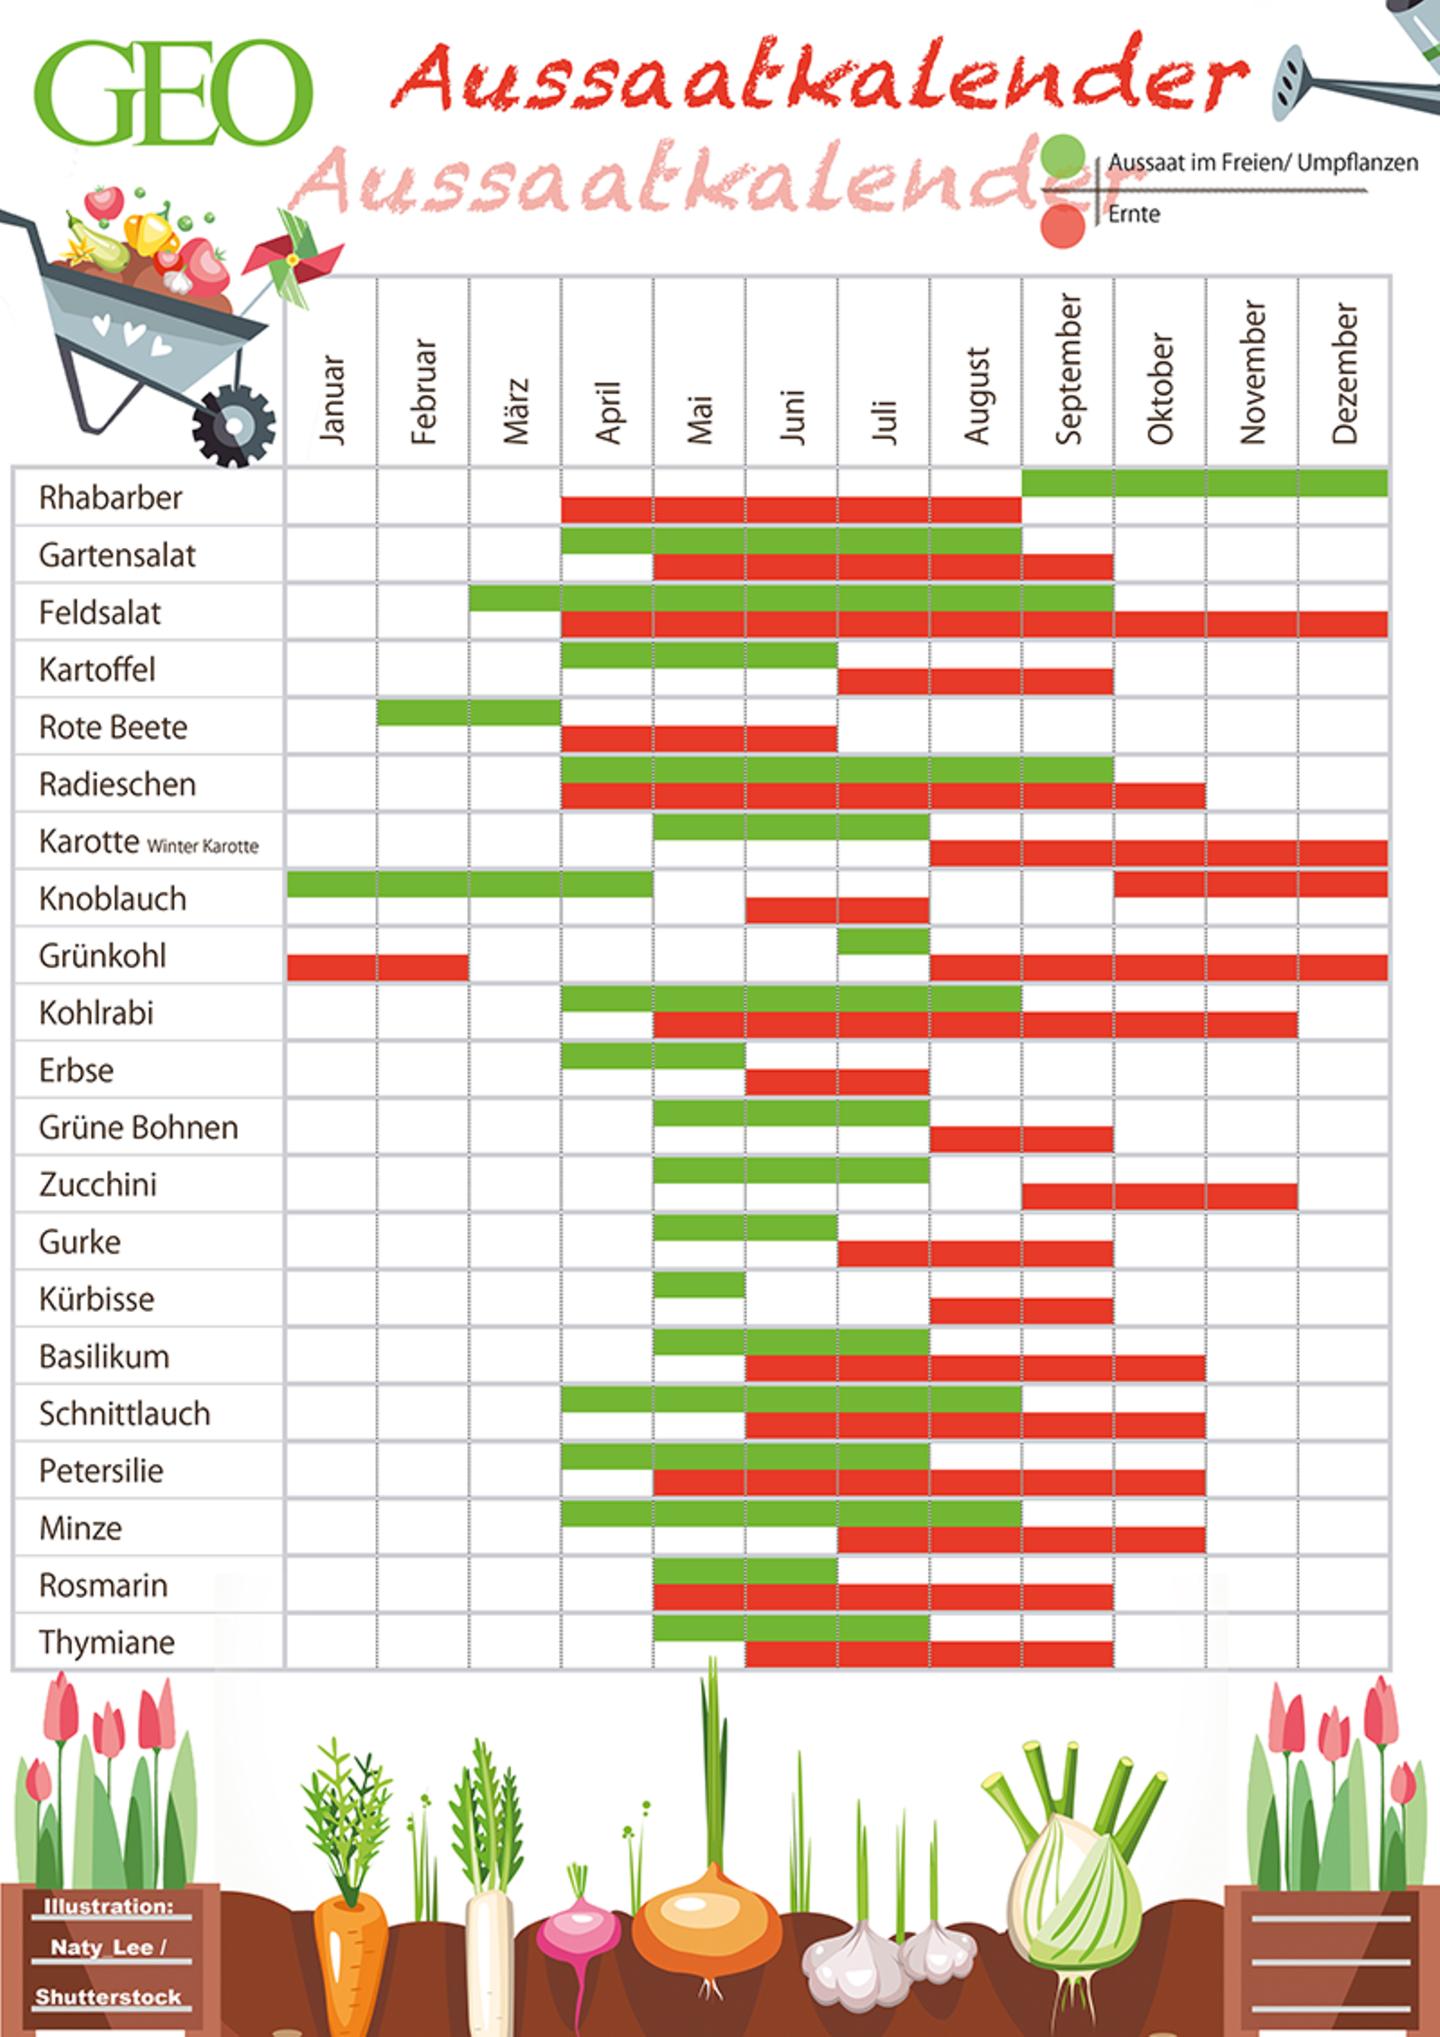 GEO Aussaatkalender